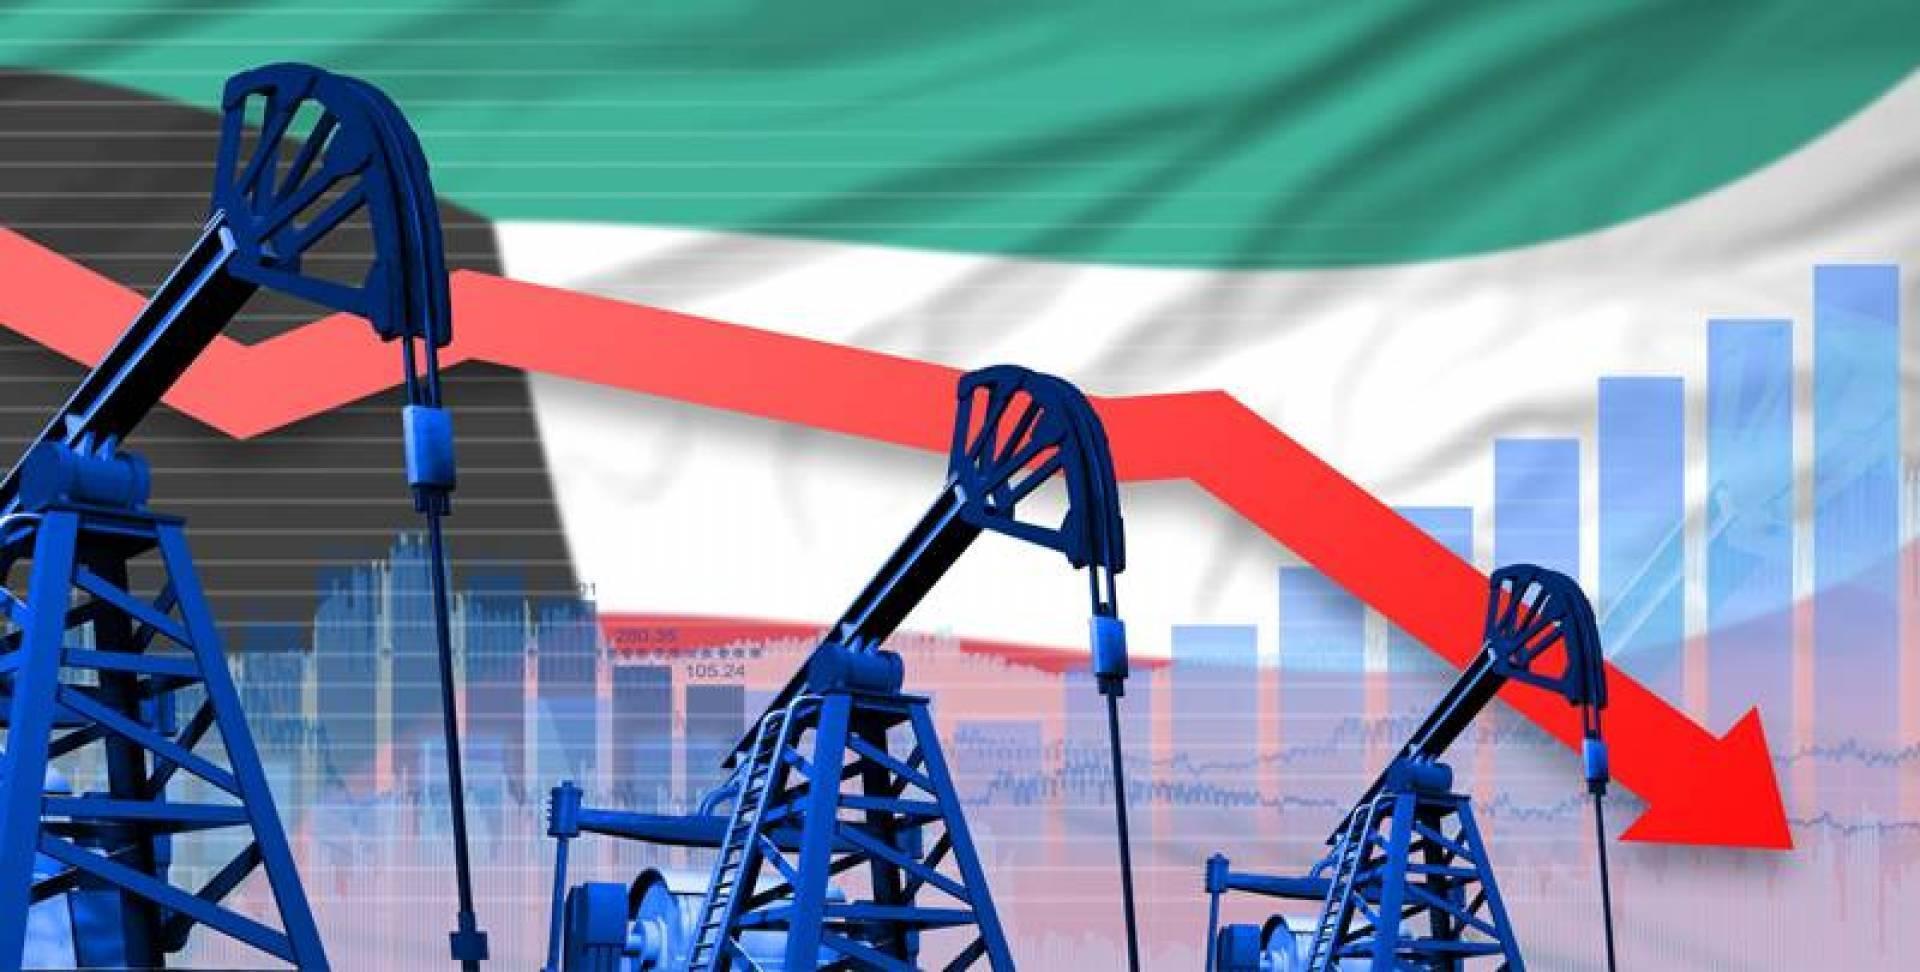 سعر برميل النفط الكويتي ينخفض 2 سنت ليبلغ 43.42 دولار